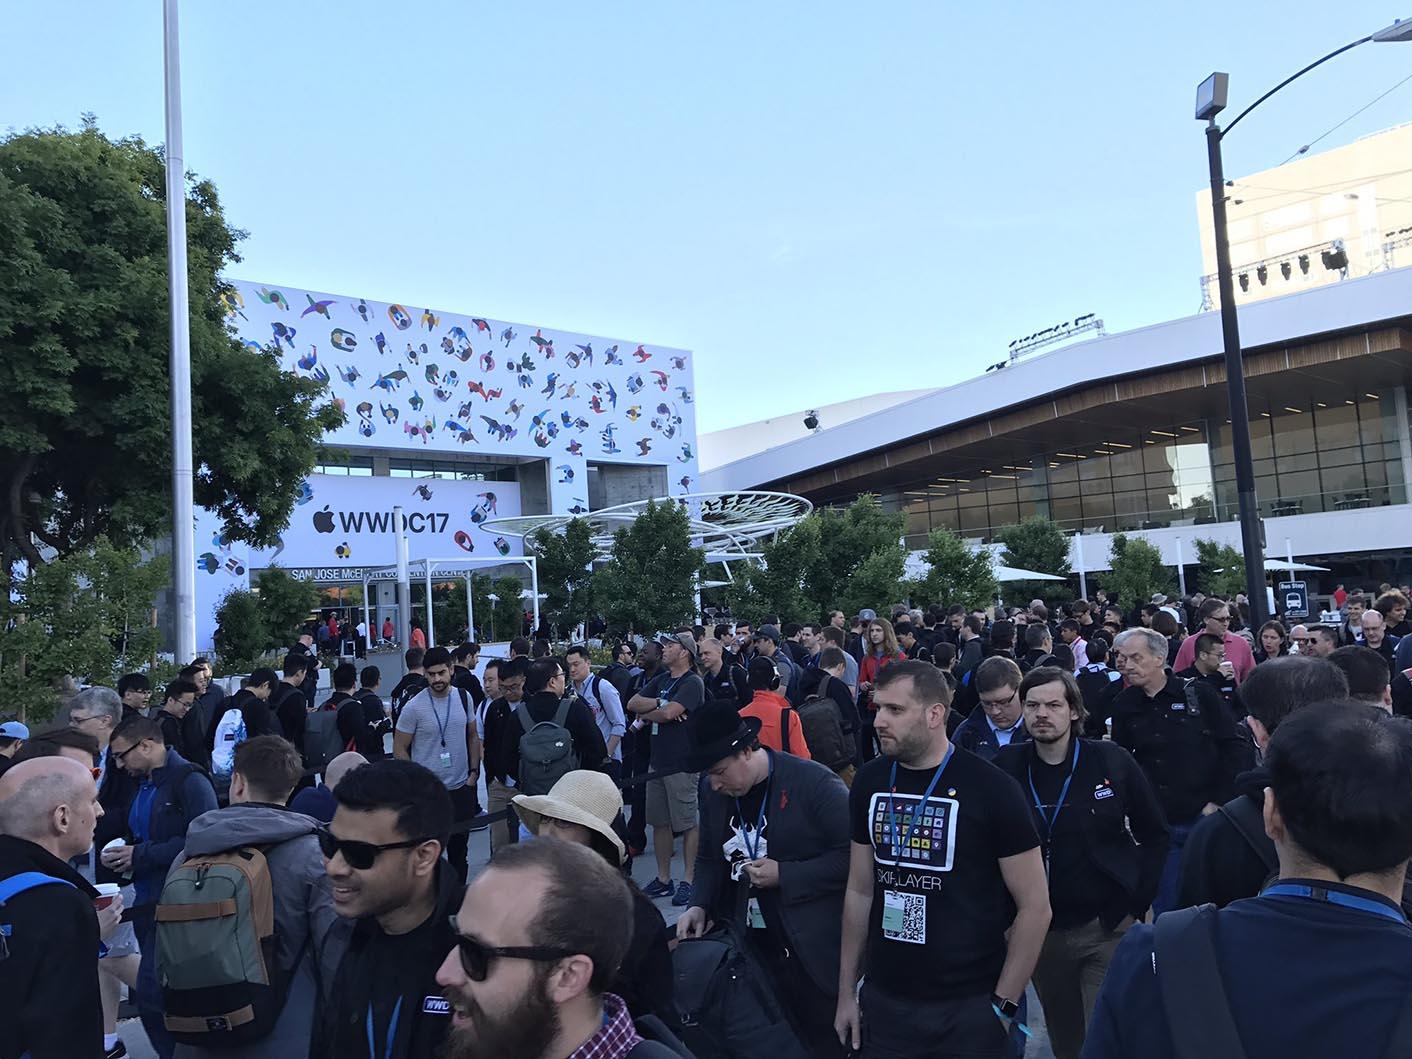 WWDC 2017 McEnery Center